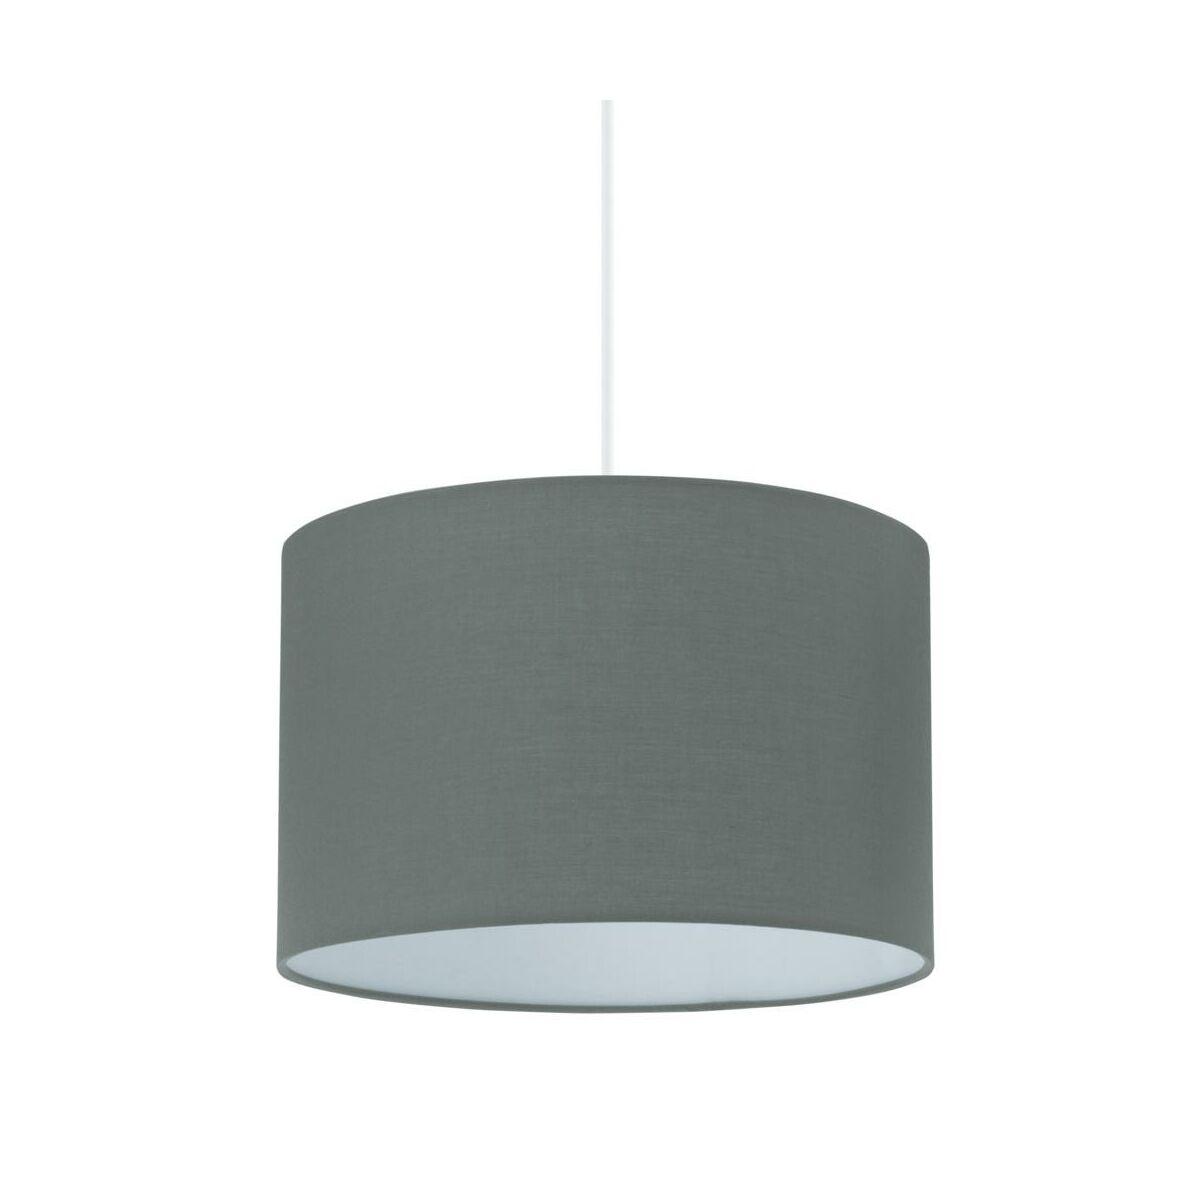 Lampa wisząca SITIA szara E27 INSPIRE